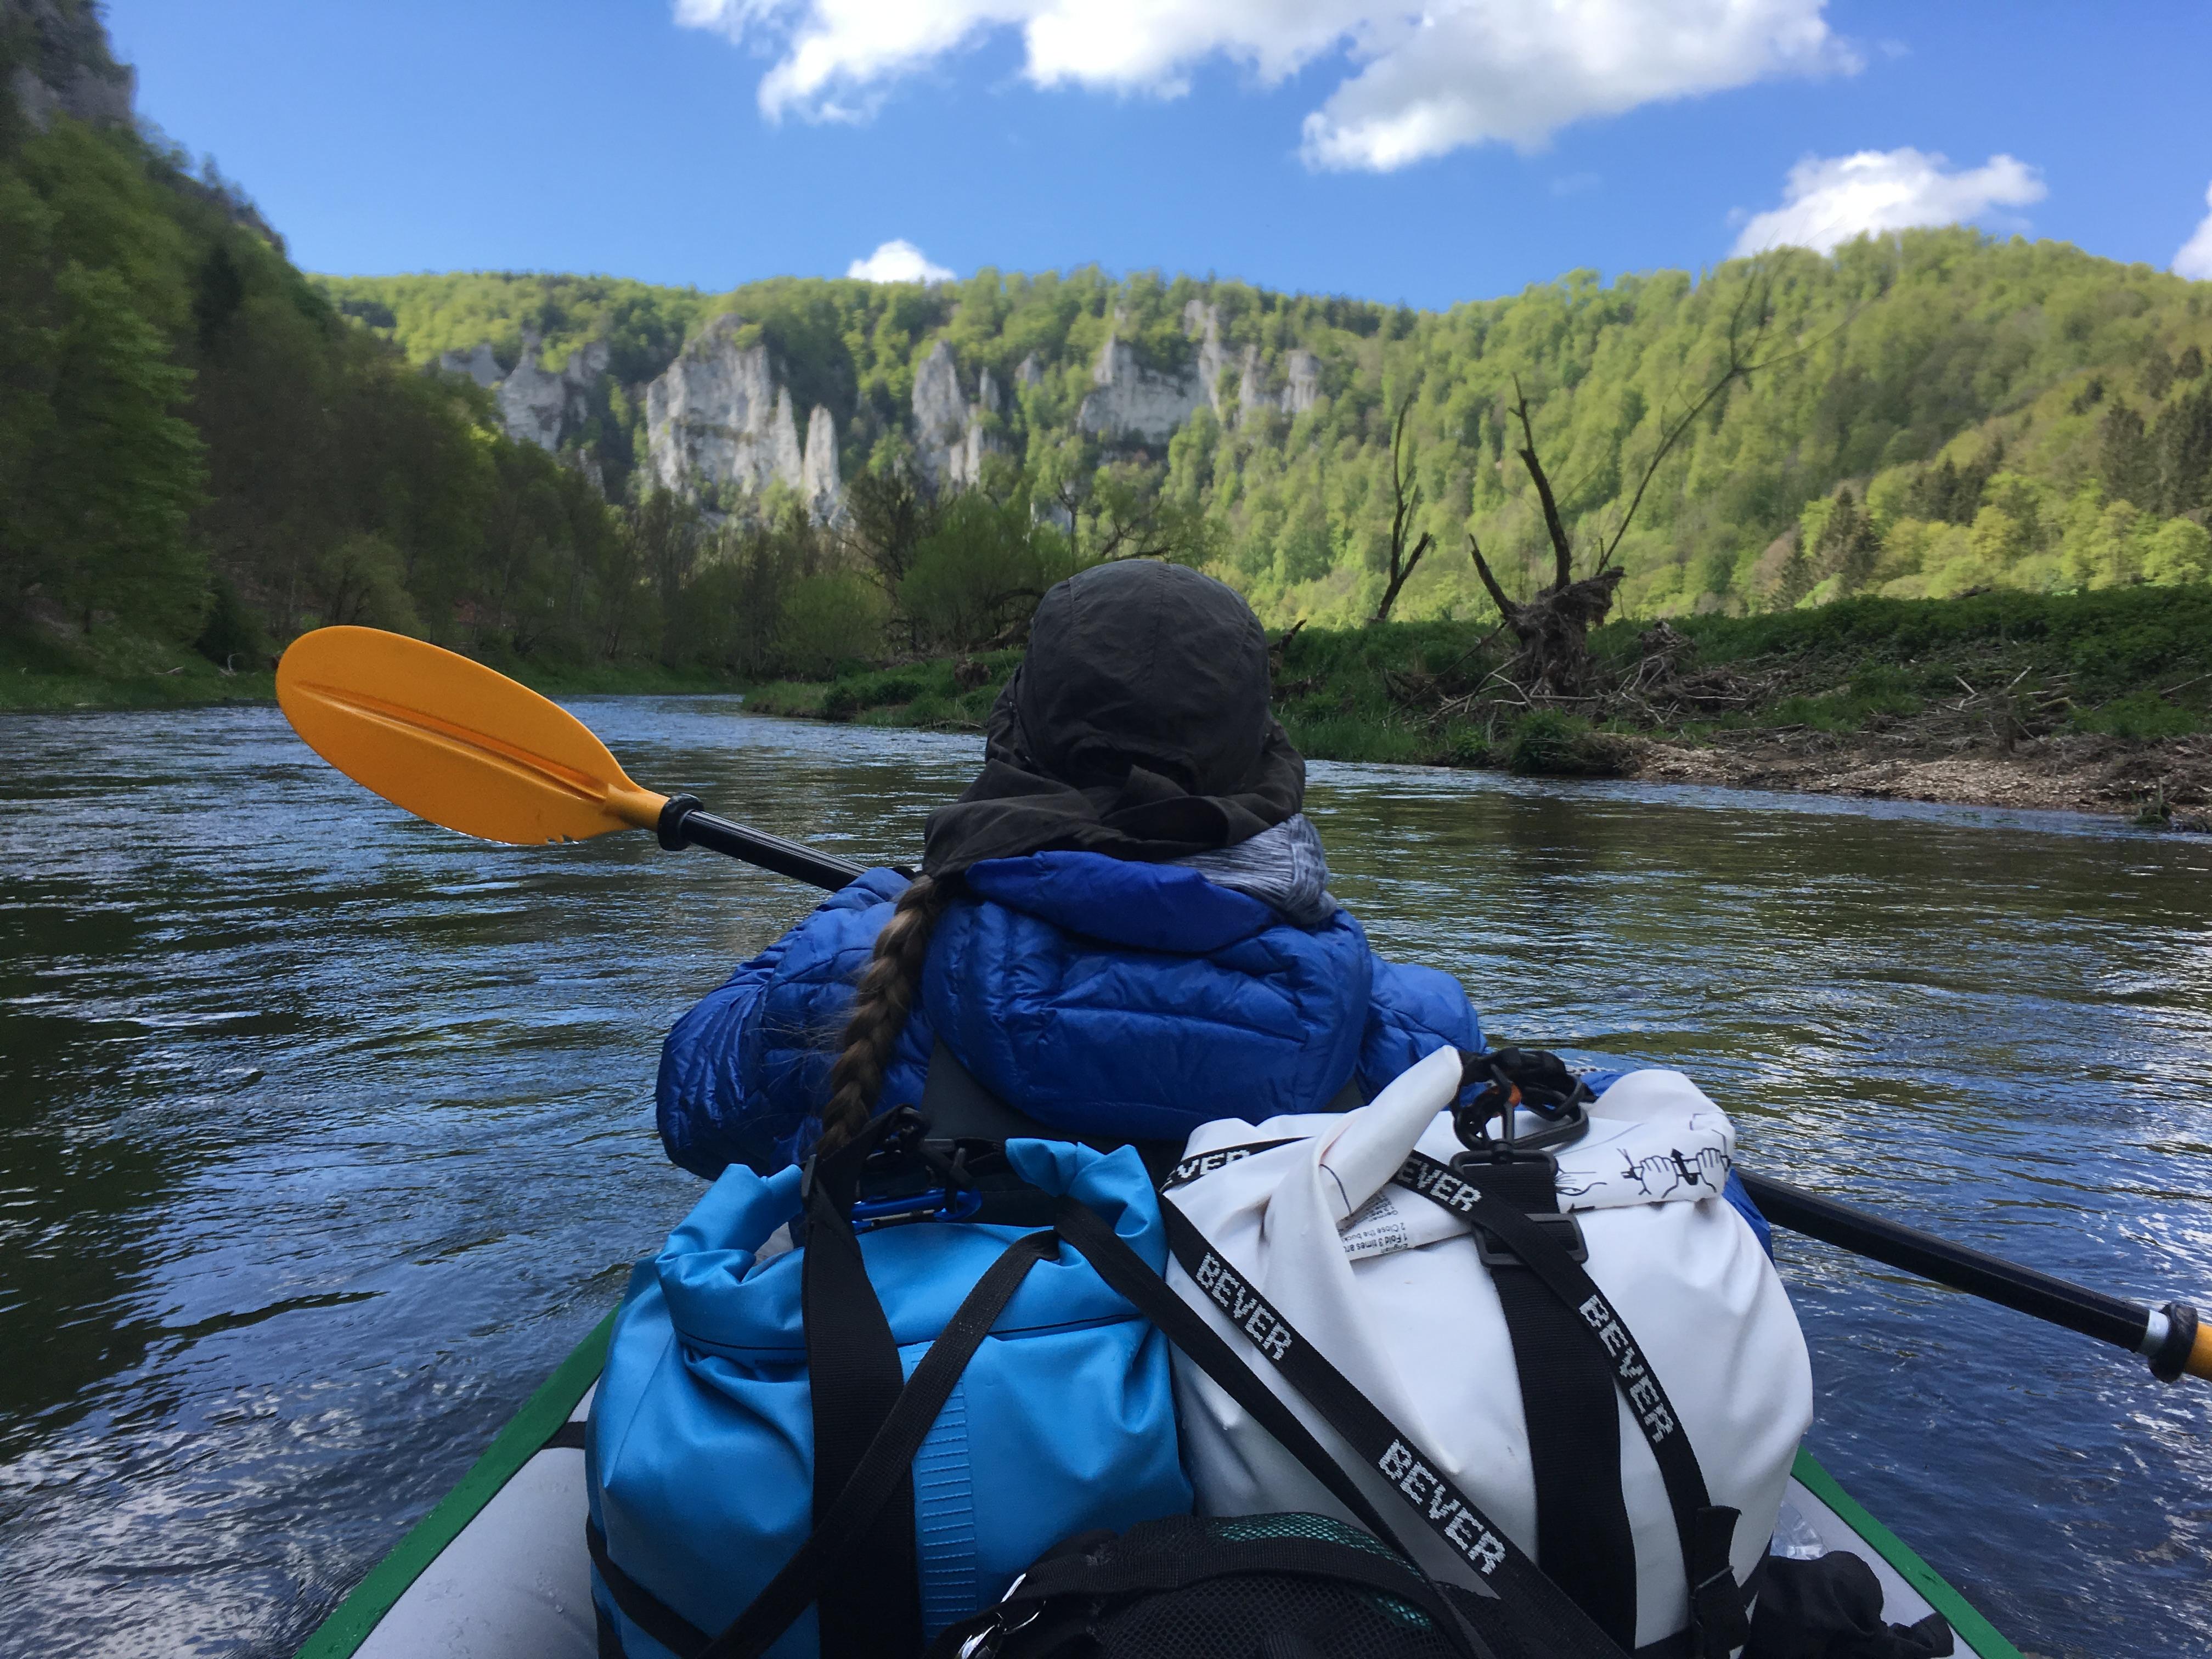 kayak trip day 4 Hausen im Tal to Sigmaringen via Donau Danube canyon schlucht young junge river fluss Swabia Schwäbische Alb